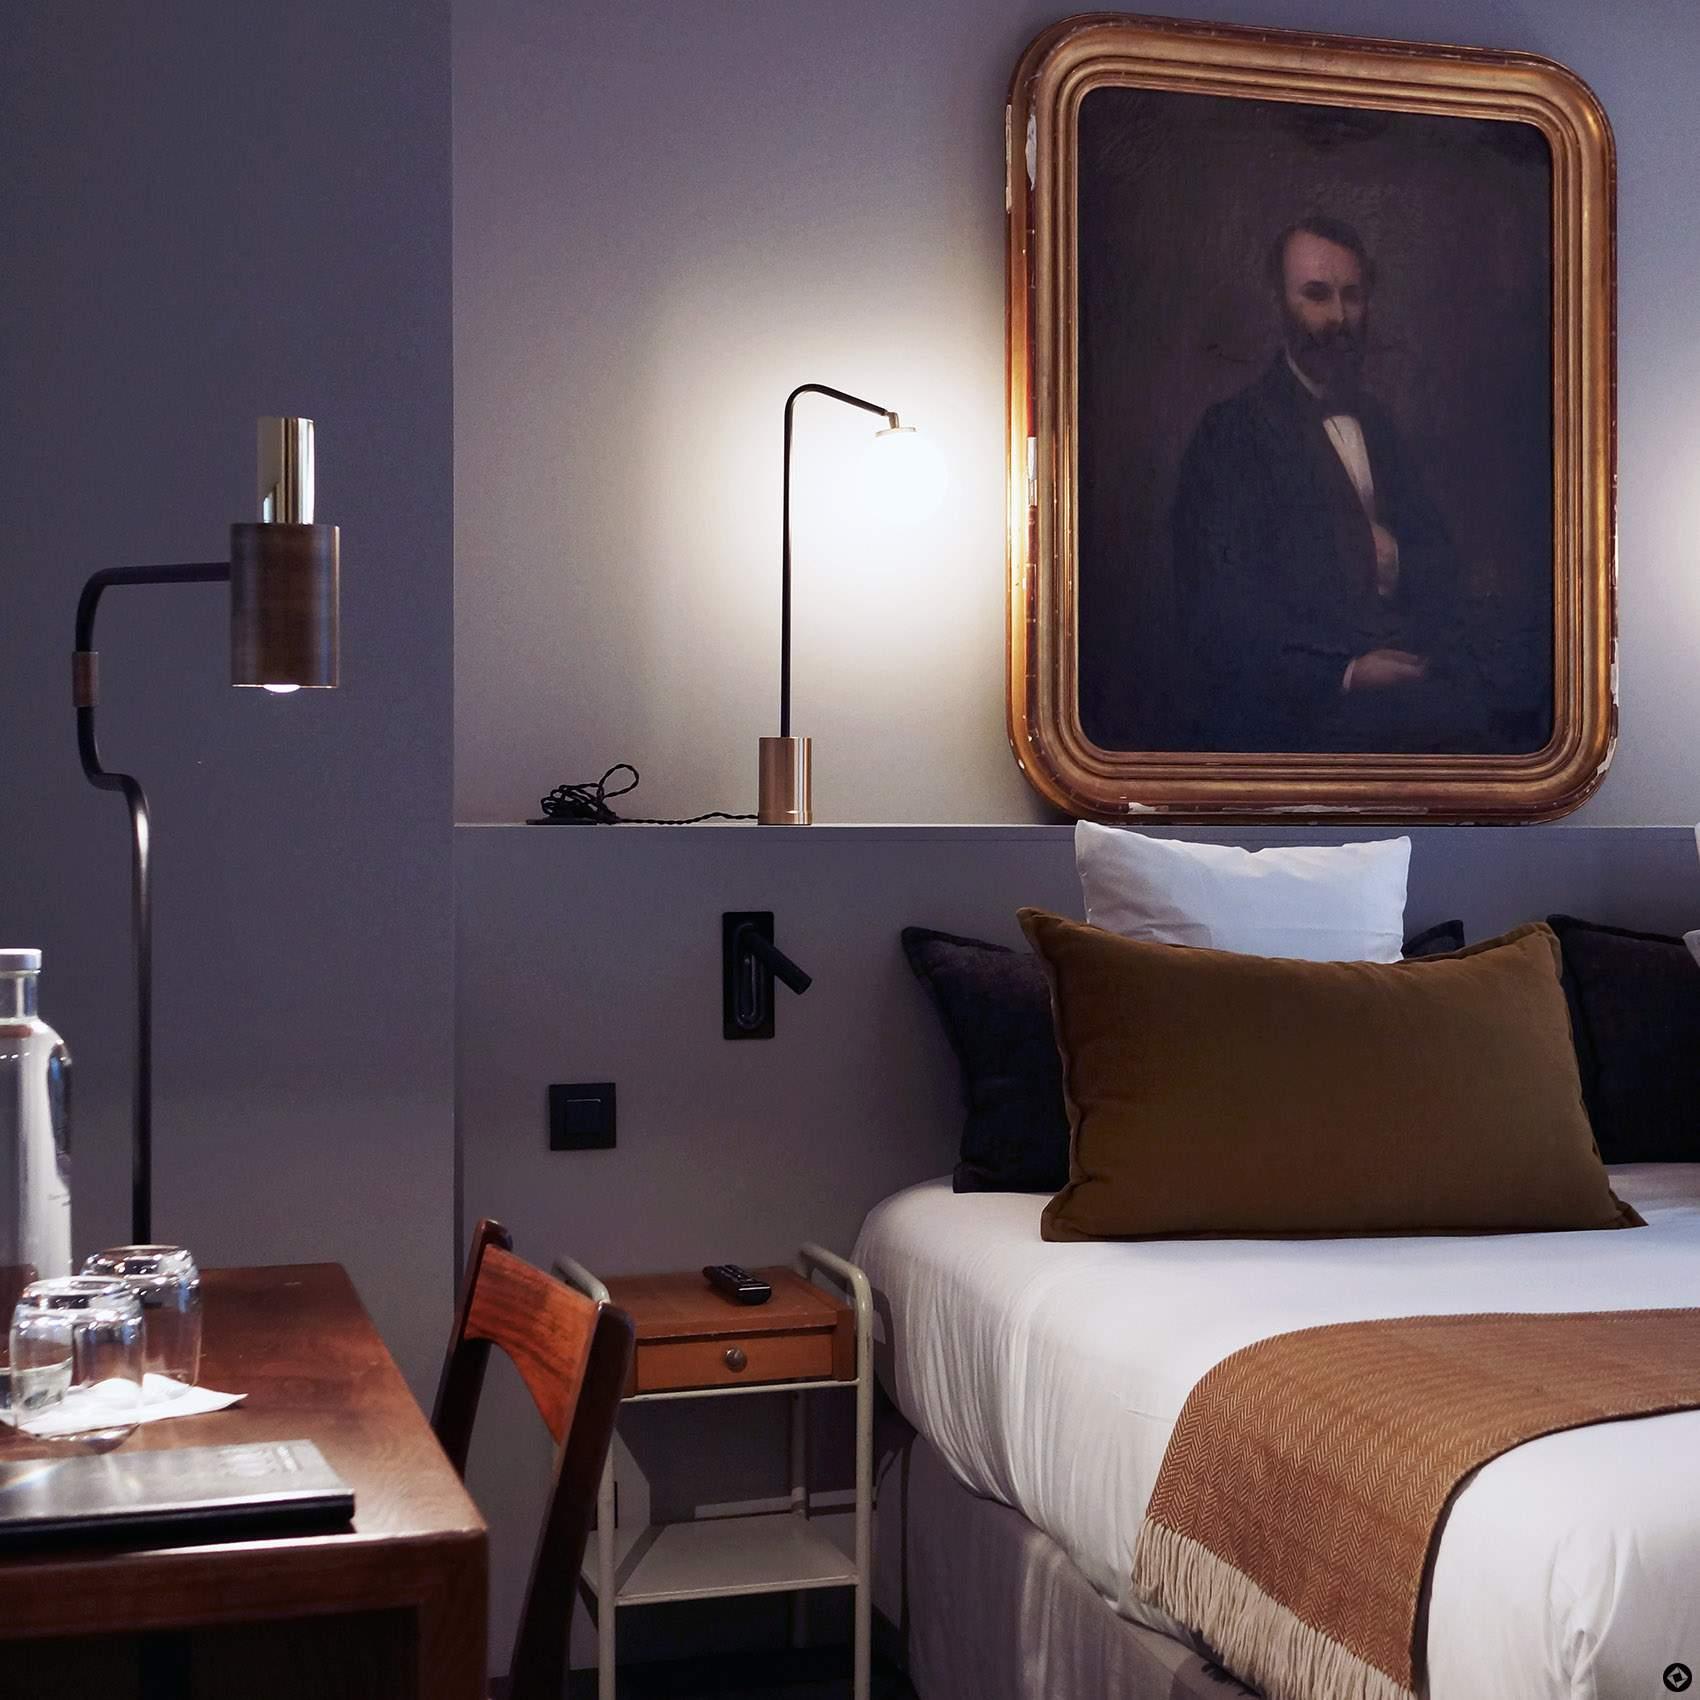 Hotel qui recherche femme de chambre a paris